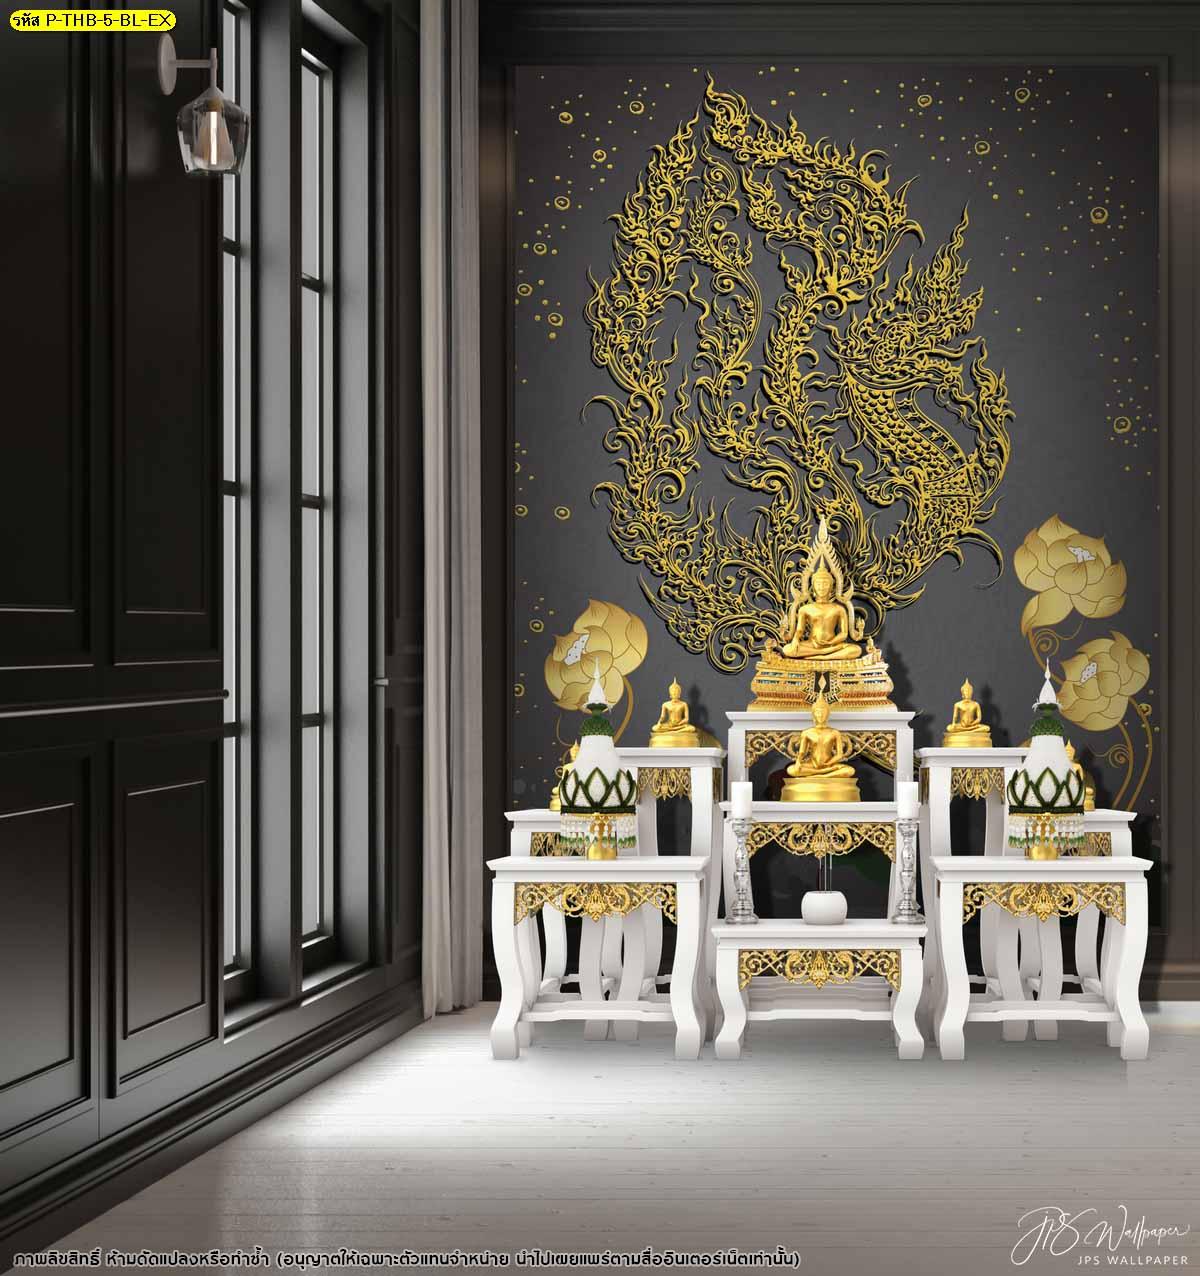 วอลเปเปอร์ลายไทยพญานาคลายเส้นสีทองประดับดอกบัวพื้นหลังสีดำ ฉากหลังห้องพระลายไทย